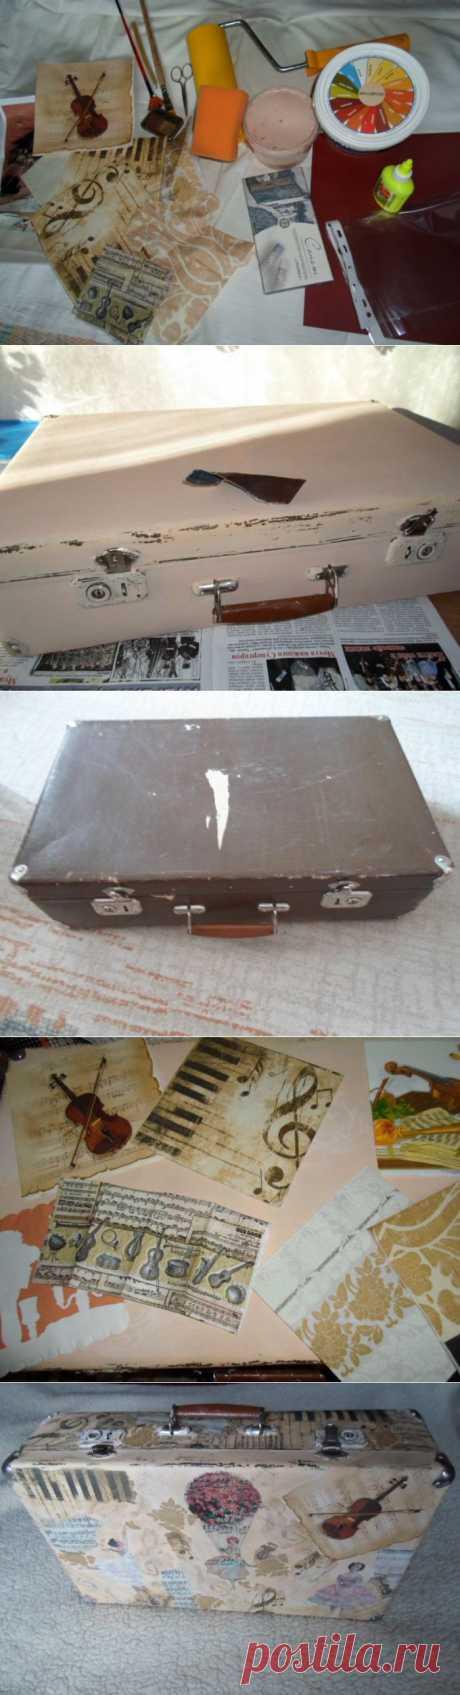 Мастер-класс по декупажу: Страна Чемодания. Житель №4 - ретро-чемодан «Забытая мелодия» - ремонт чемодана, мастер класс по декупажу, ретро чемоданы